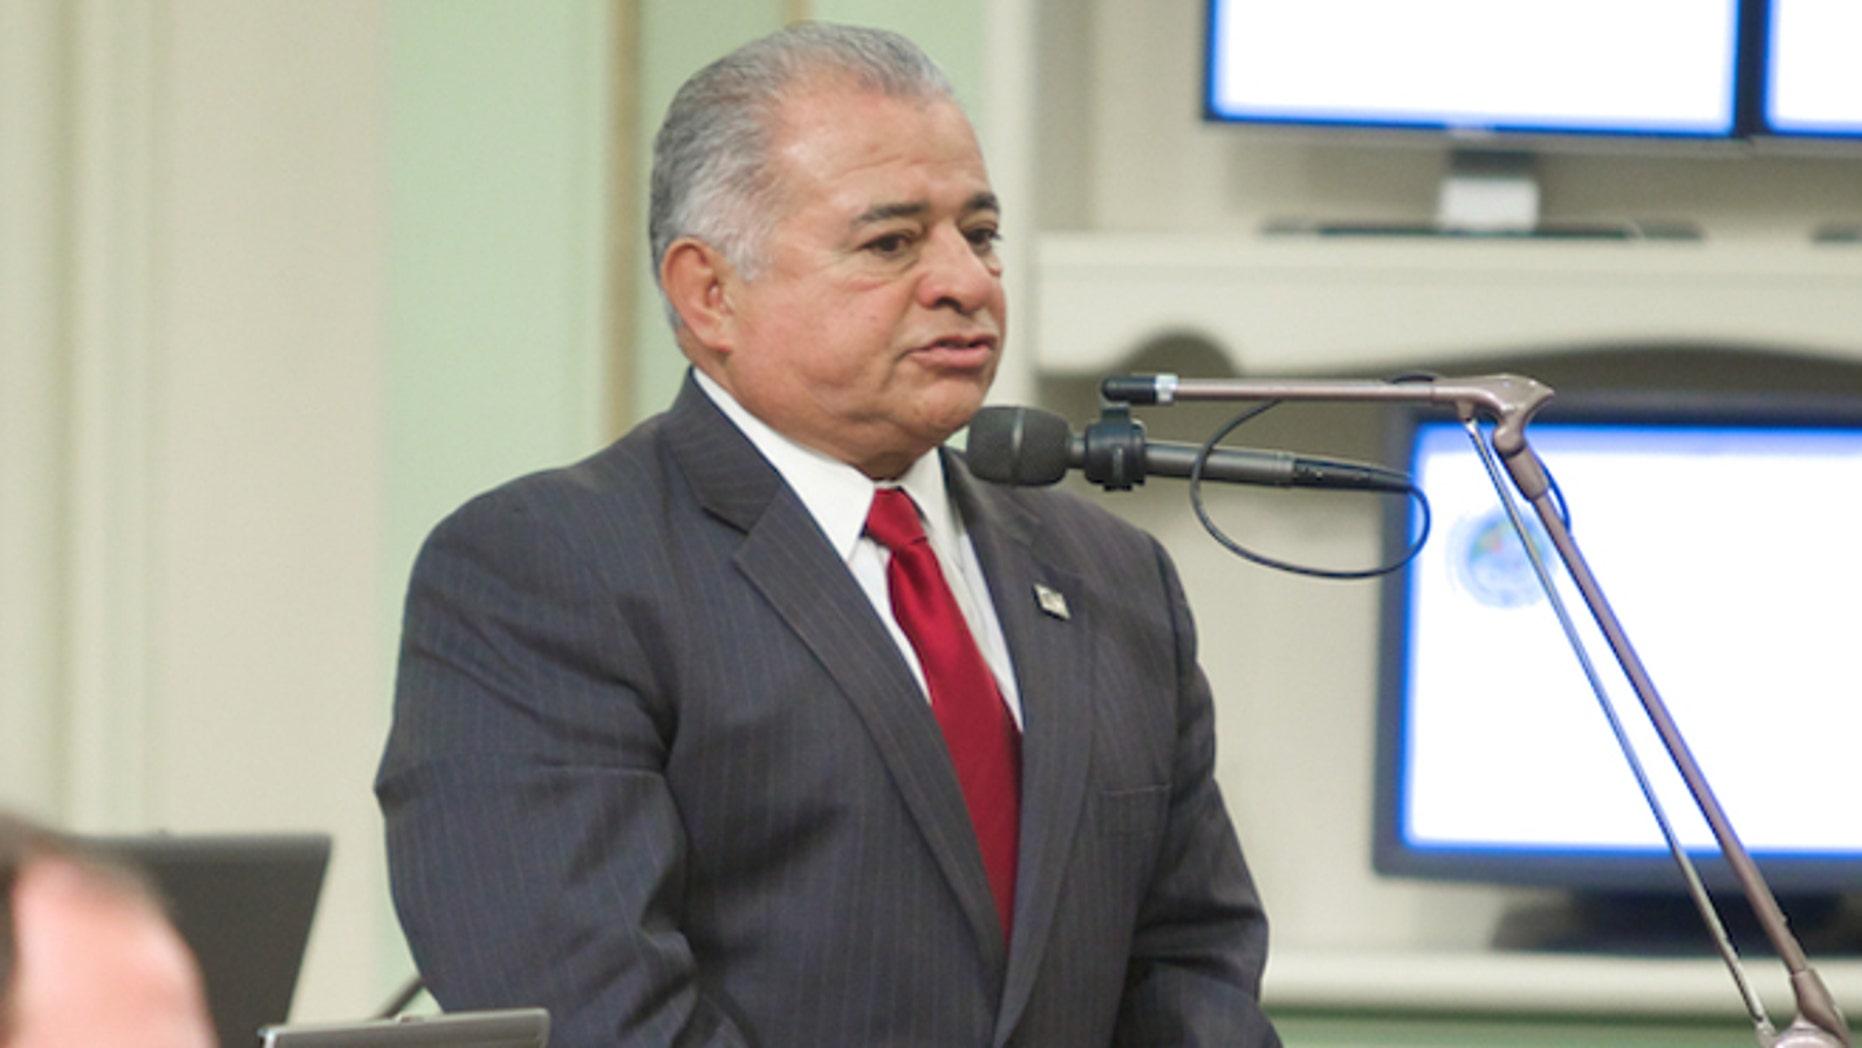 California Assemblyman Rocky Chávez, Jan. 6, 2014. (Photo: Courtesy Rocky Chávez)